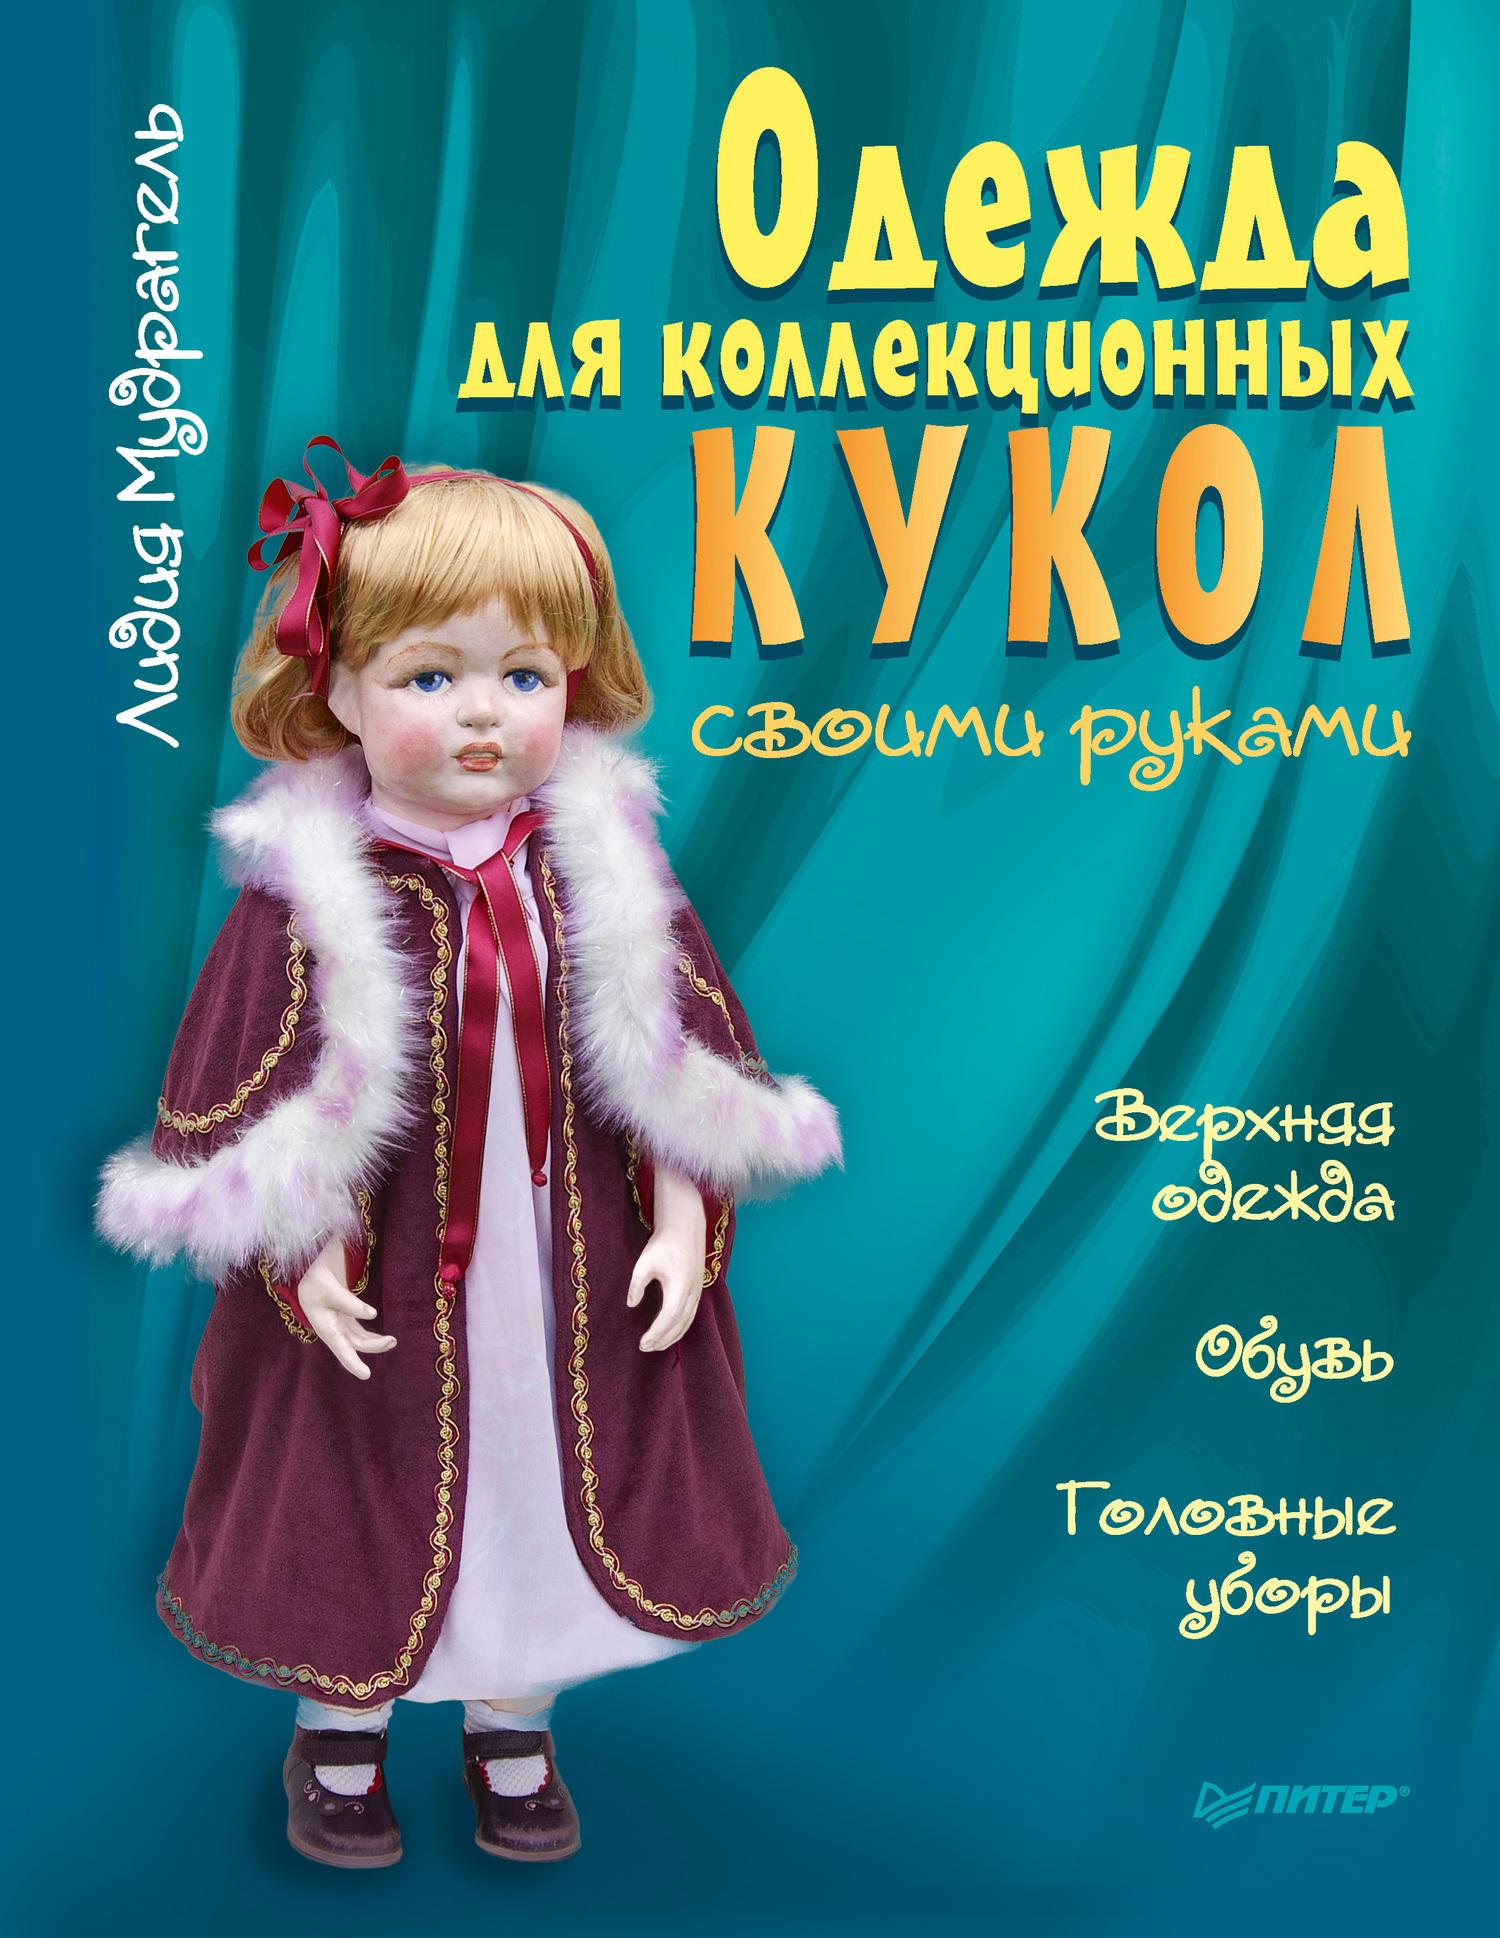 Лидия Мудрагель. Одежда для коллекционных кукол своими руками. Верхняя одежда. Обувь. Головные уборы